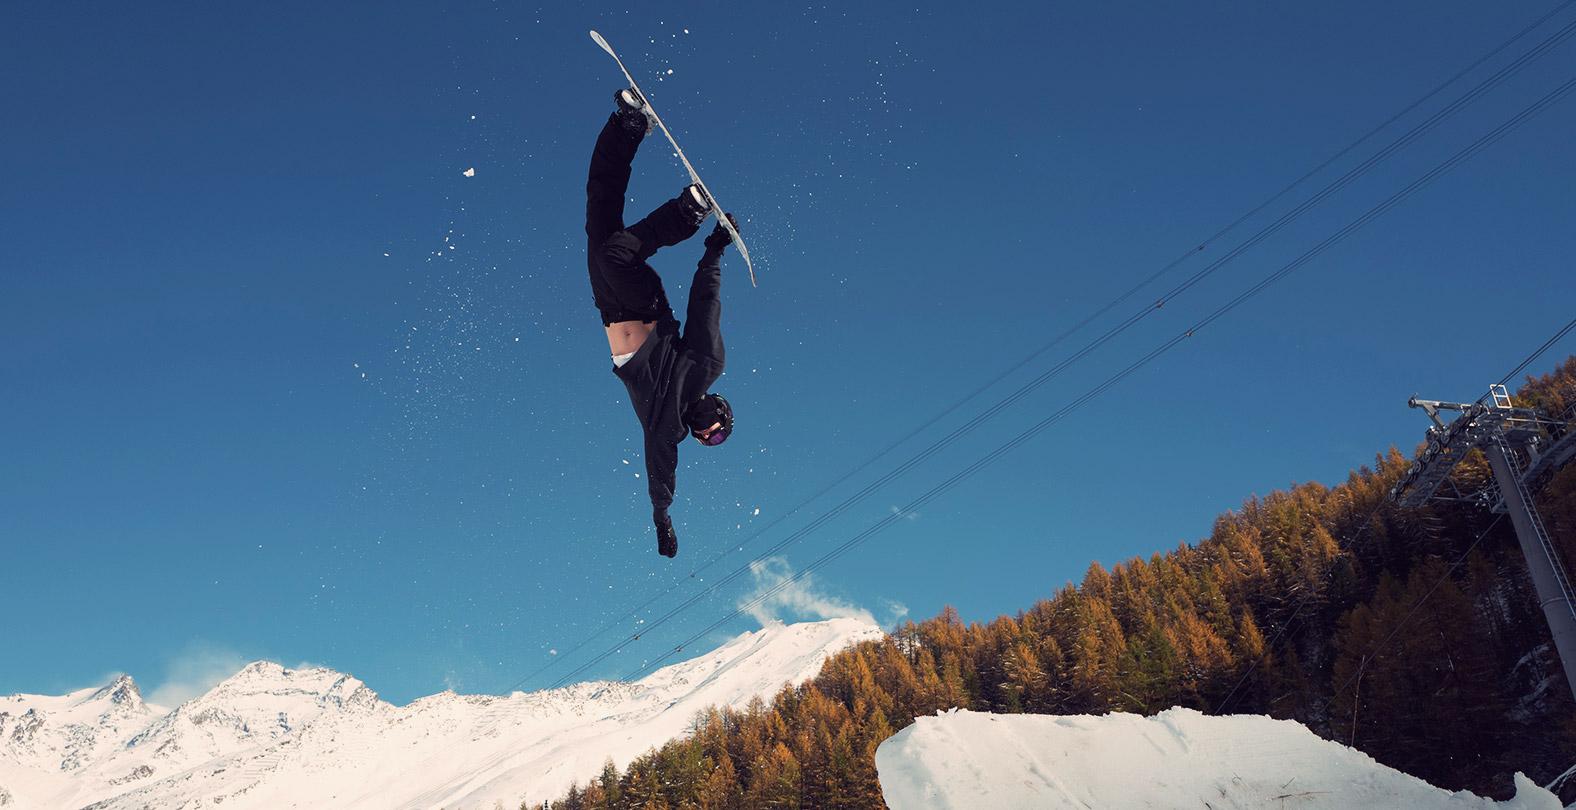 Snowboarder Iouri Podladtchikov with a  BS Rodeo